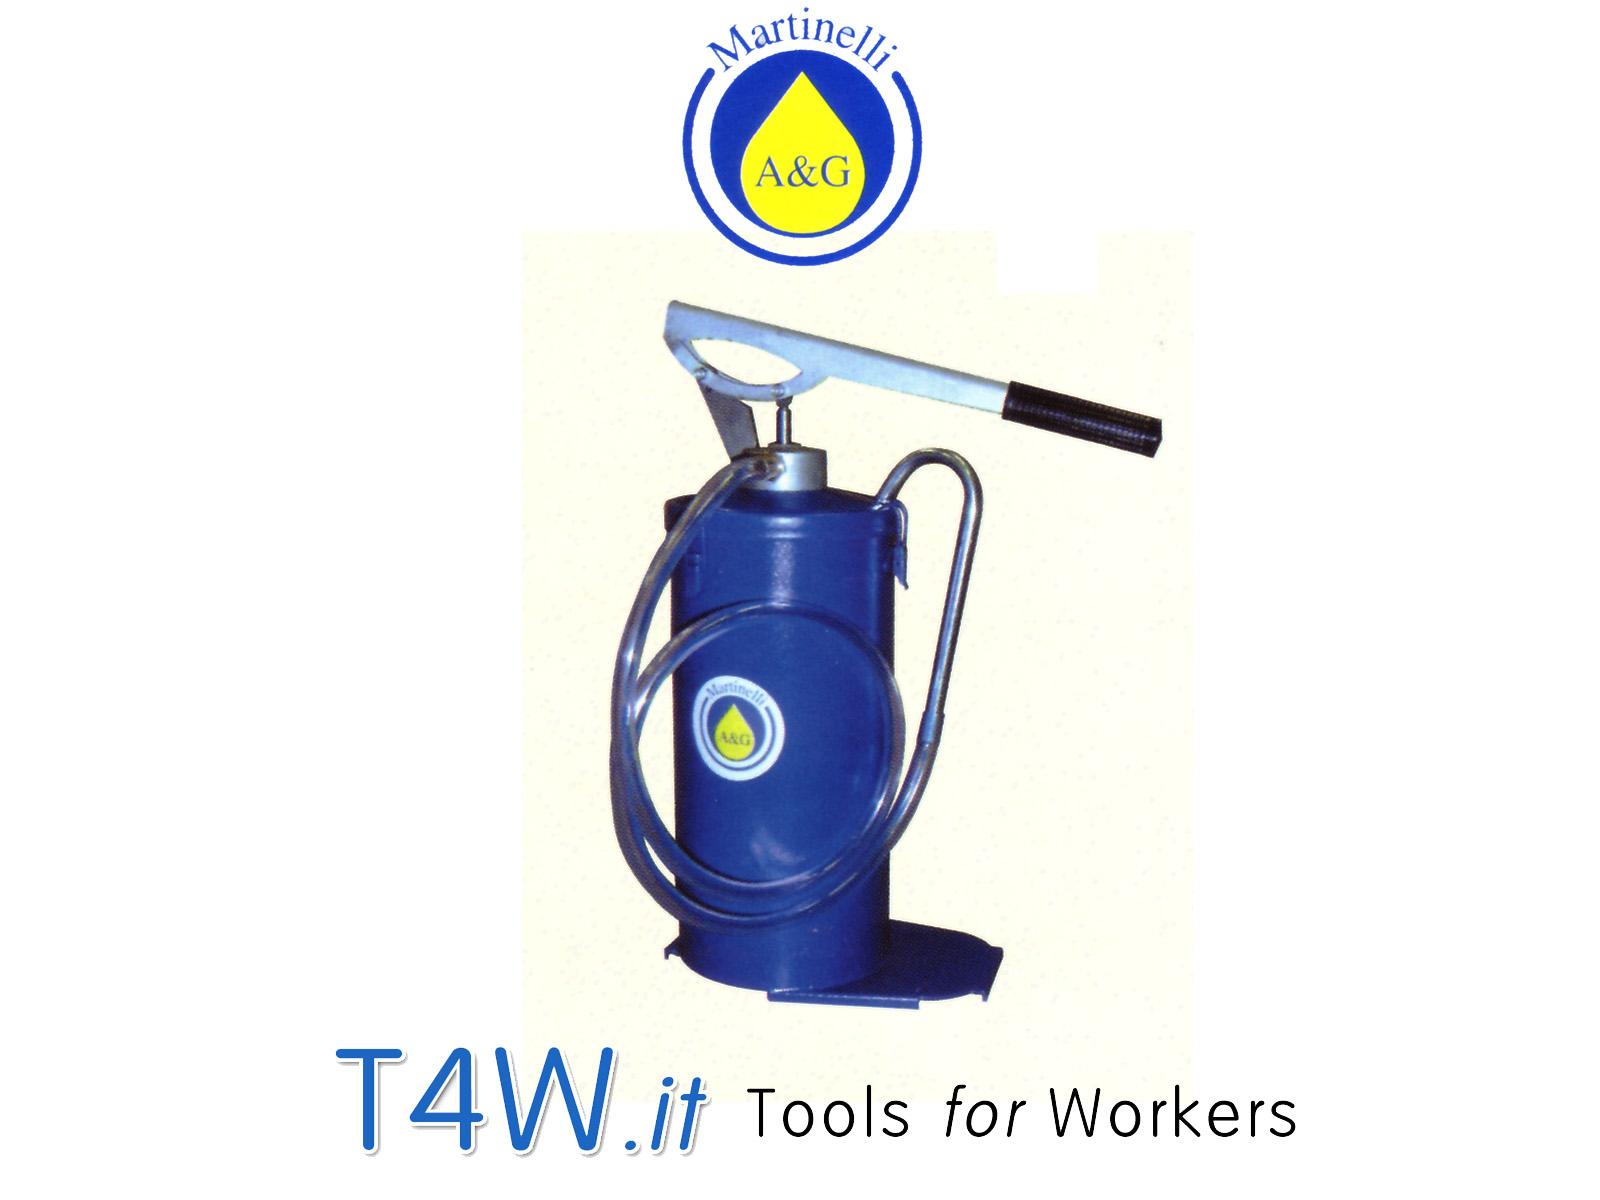 Pompa a barile per olio kg. 8 Art. 408 Martinelli -